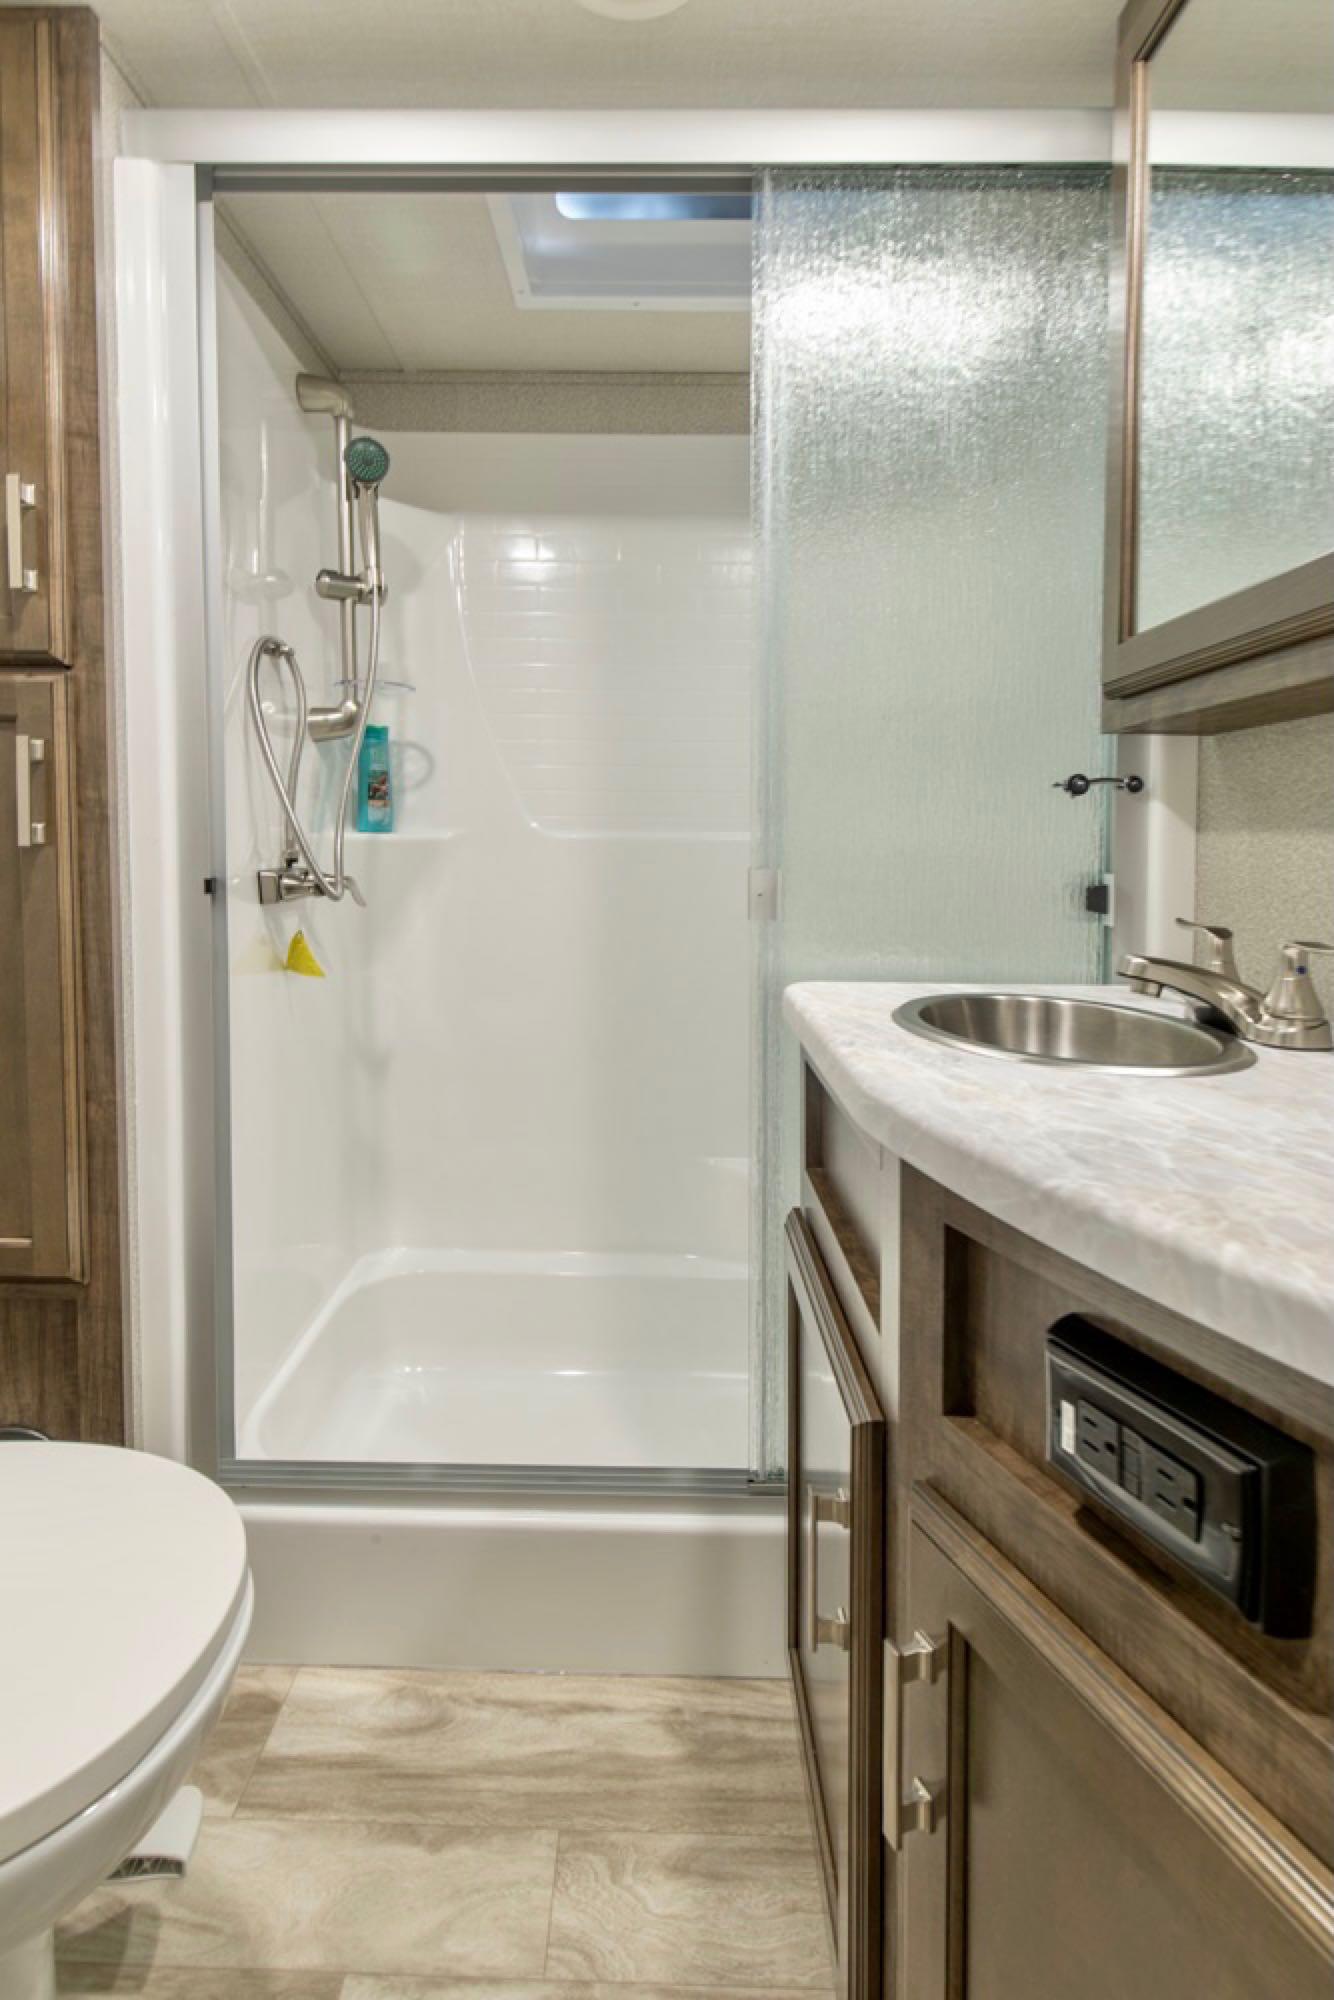 Main bath. Grand Design Solitude 2021